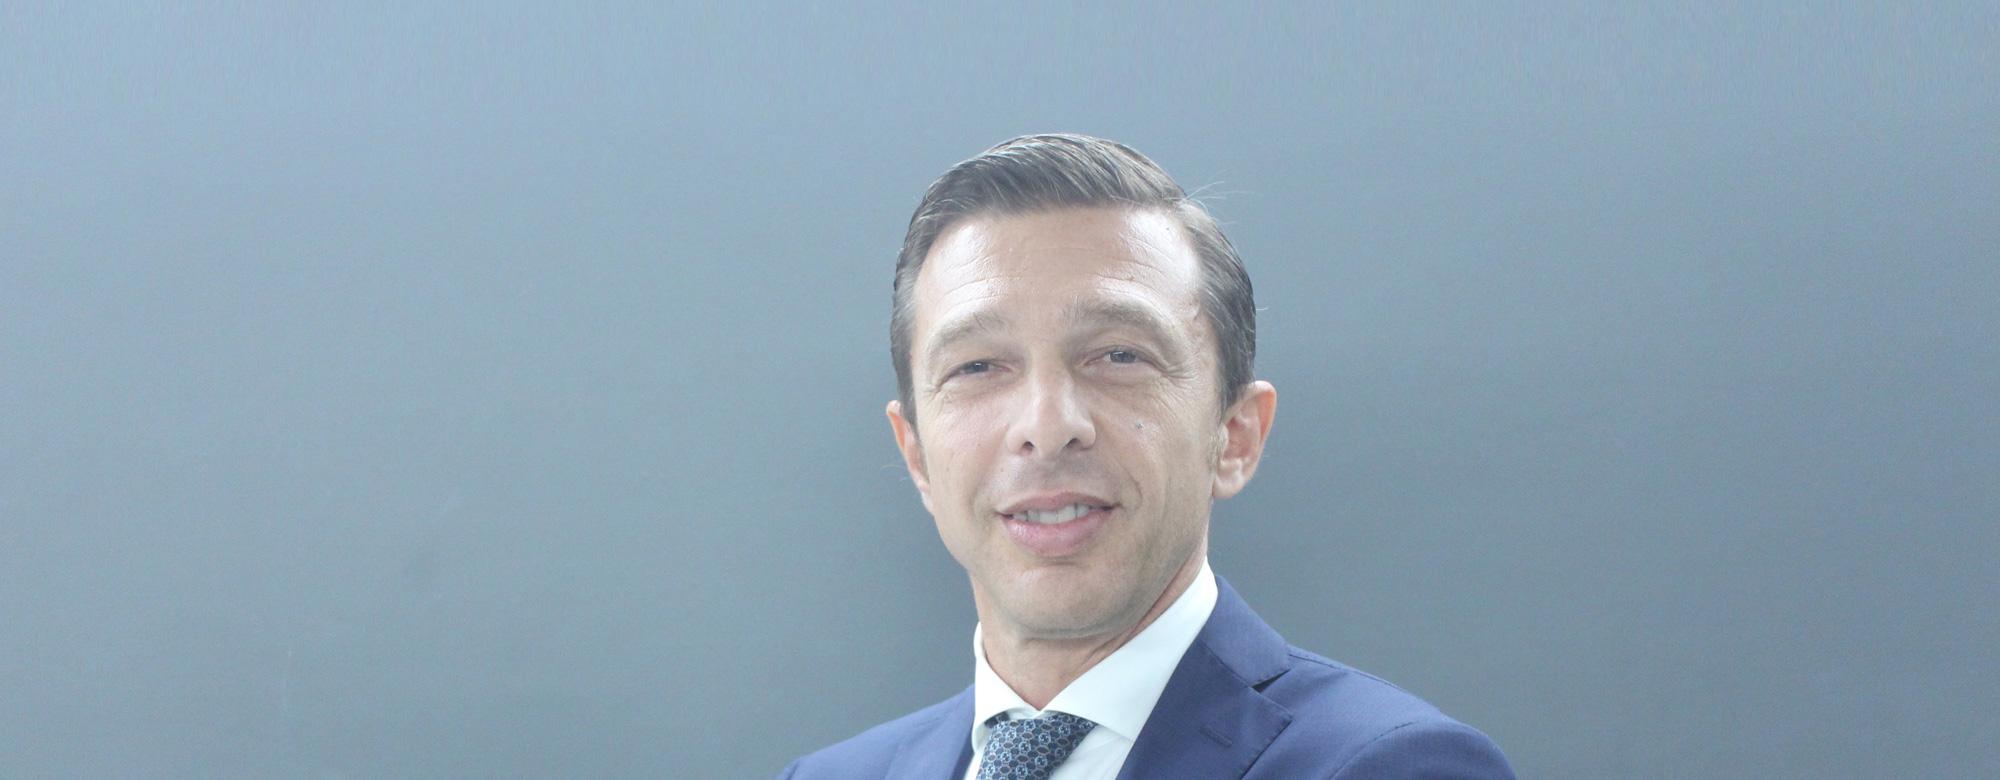 Andrea dell orto eletto presidente del presidio for Arredamento monza e brianza